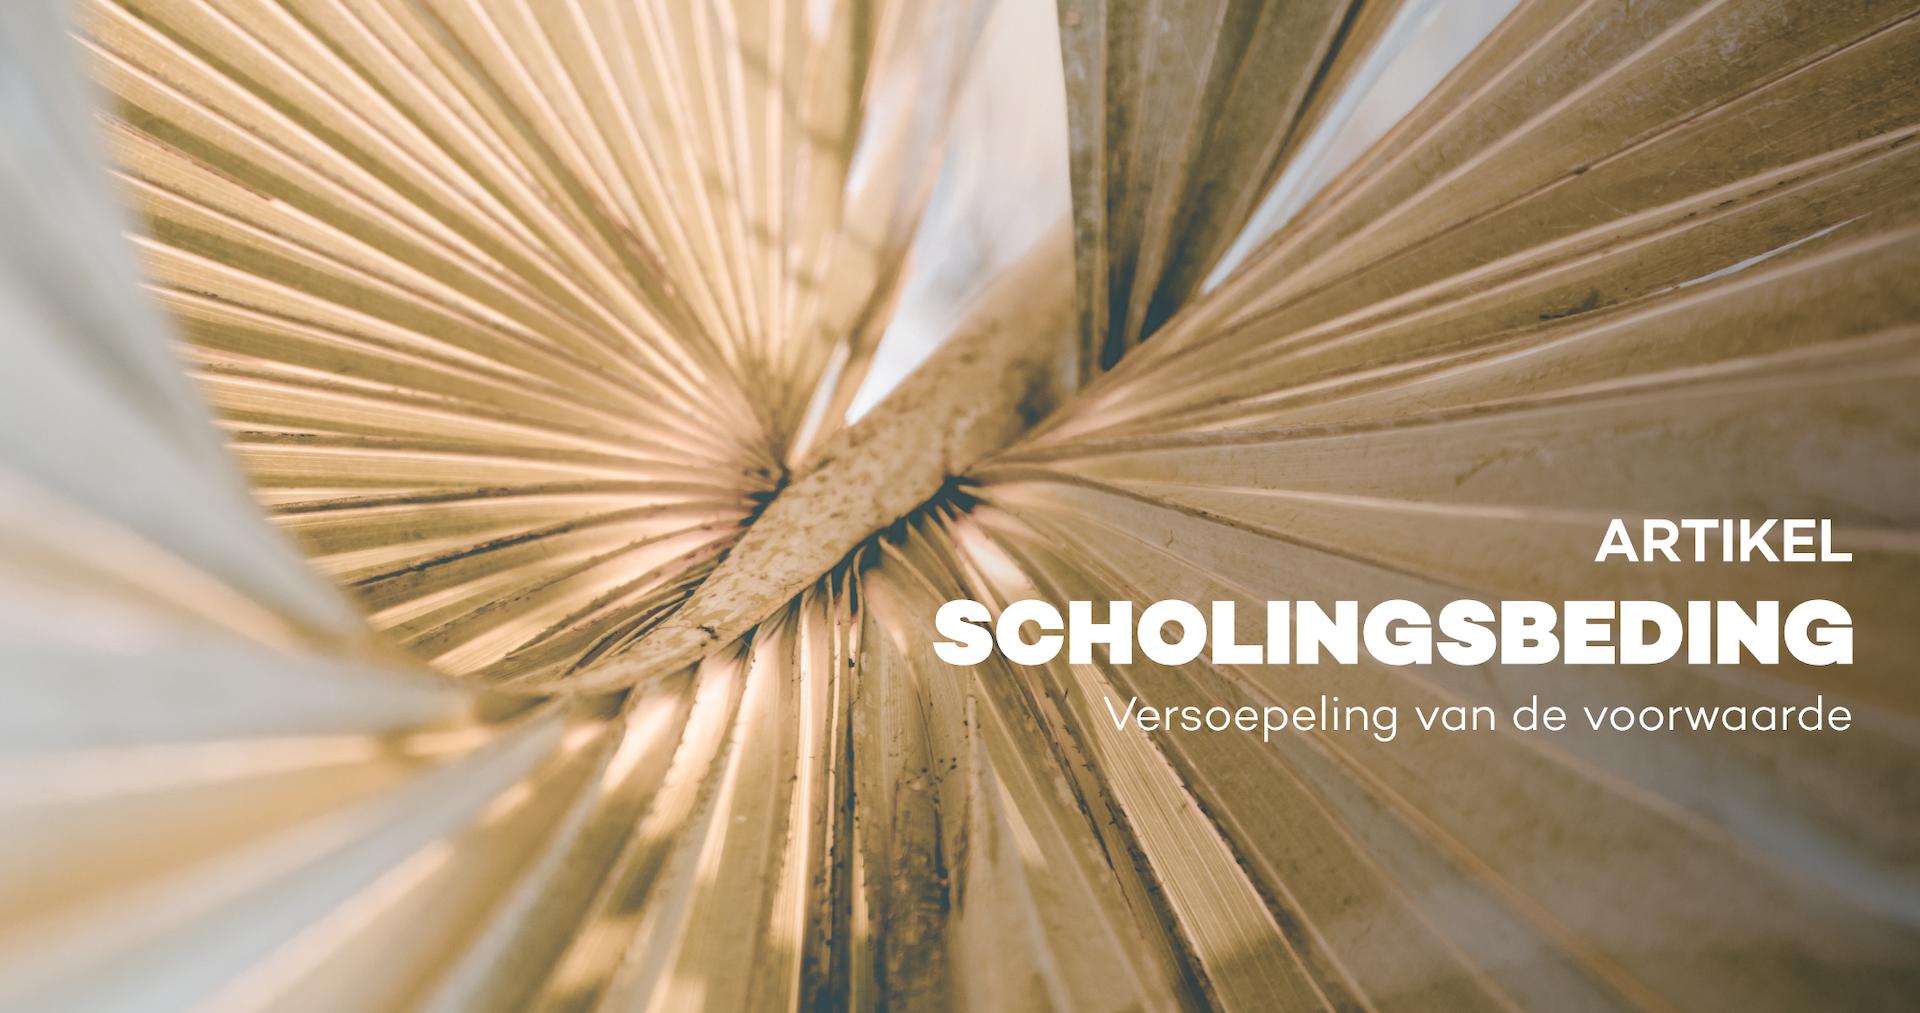 Scholingsbeding